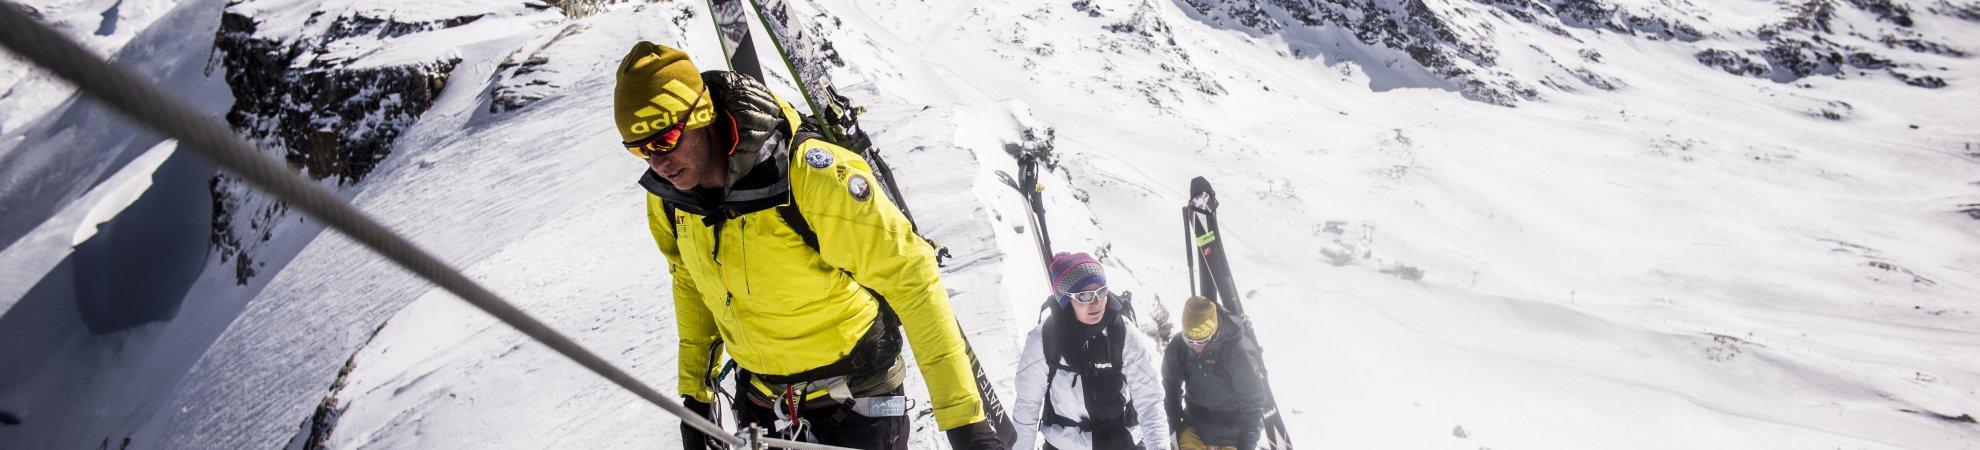 best winter activities laTraversata_1768